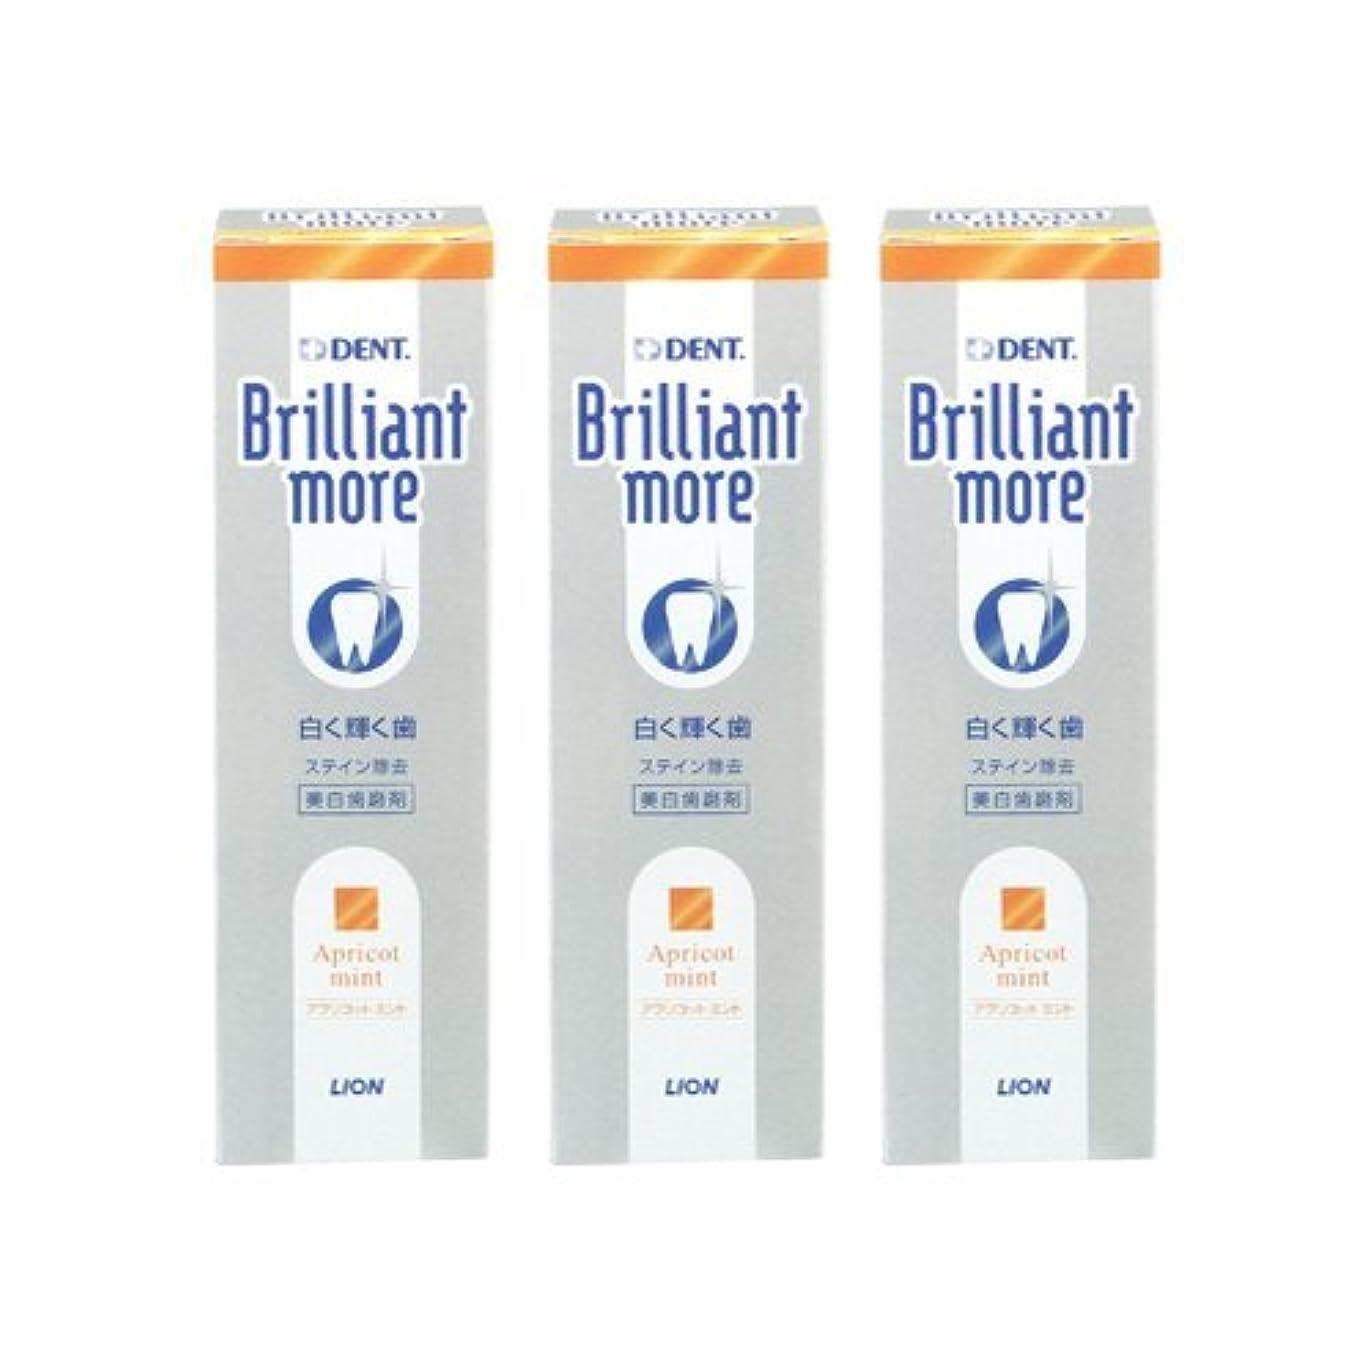 木曜日市場隠されたライオン ブリリアントモア アプリコットミント 3本セット 美白歯磨剤 LION Brilliant more